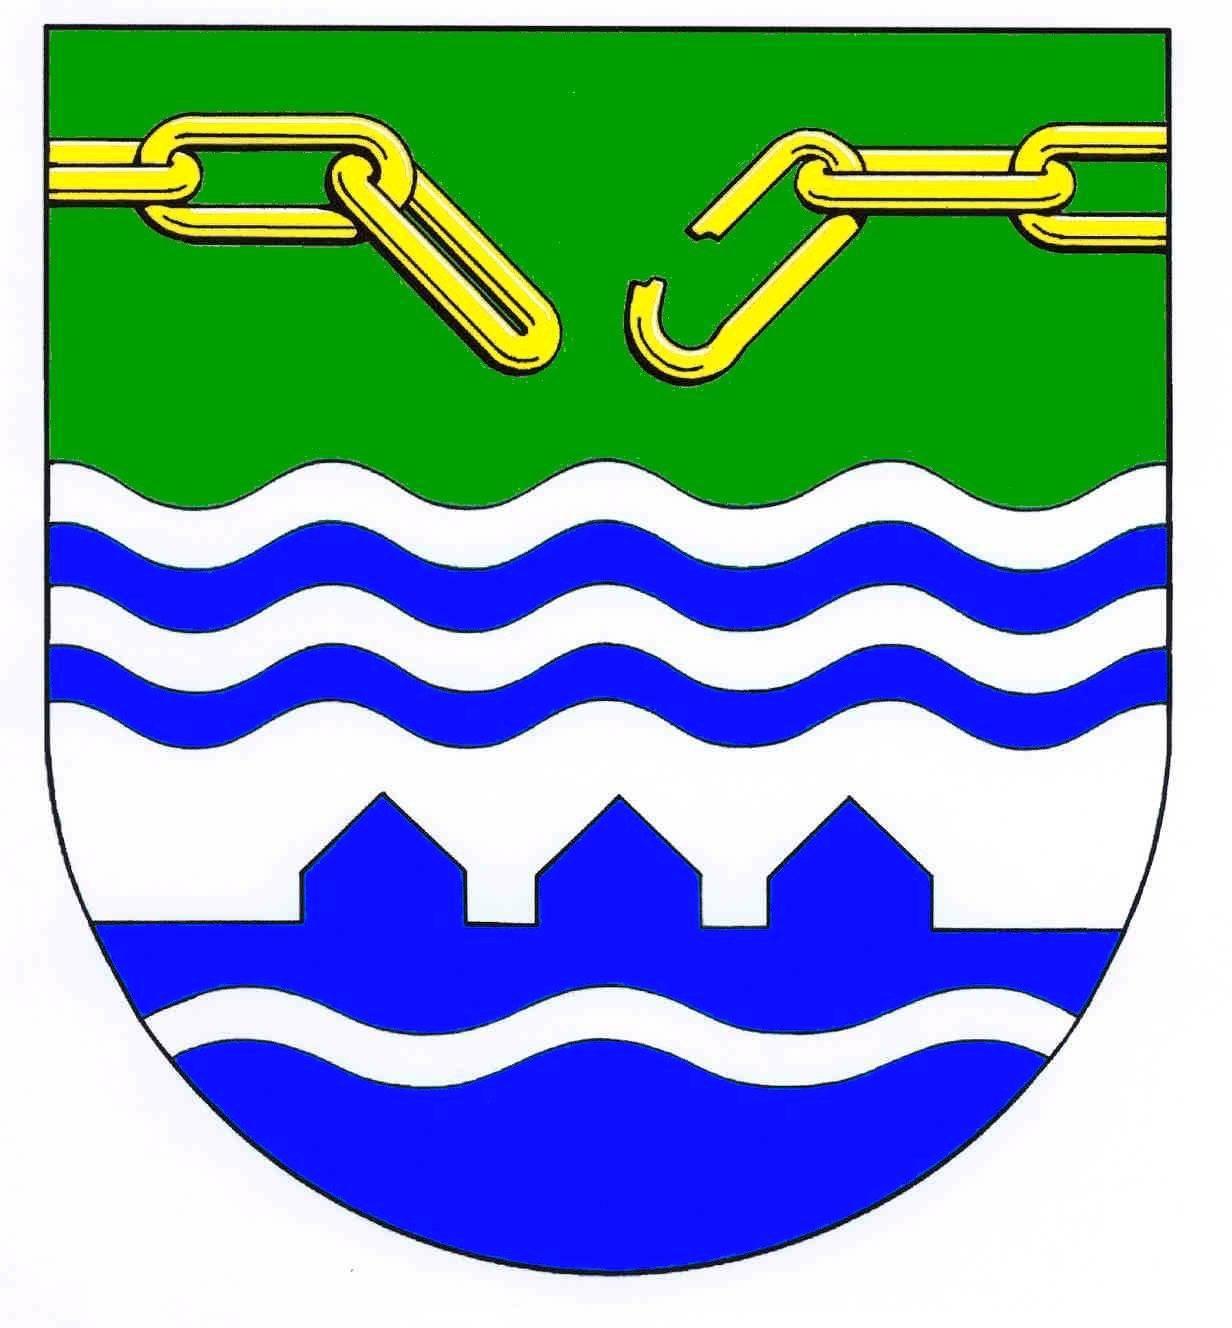 Wappen GemeindeKoldenbüttel, Kreis Nordfriesland